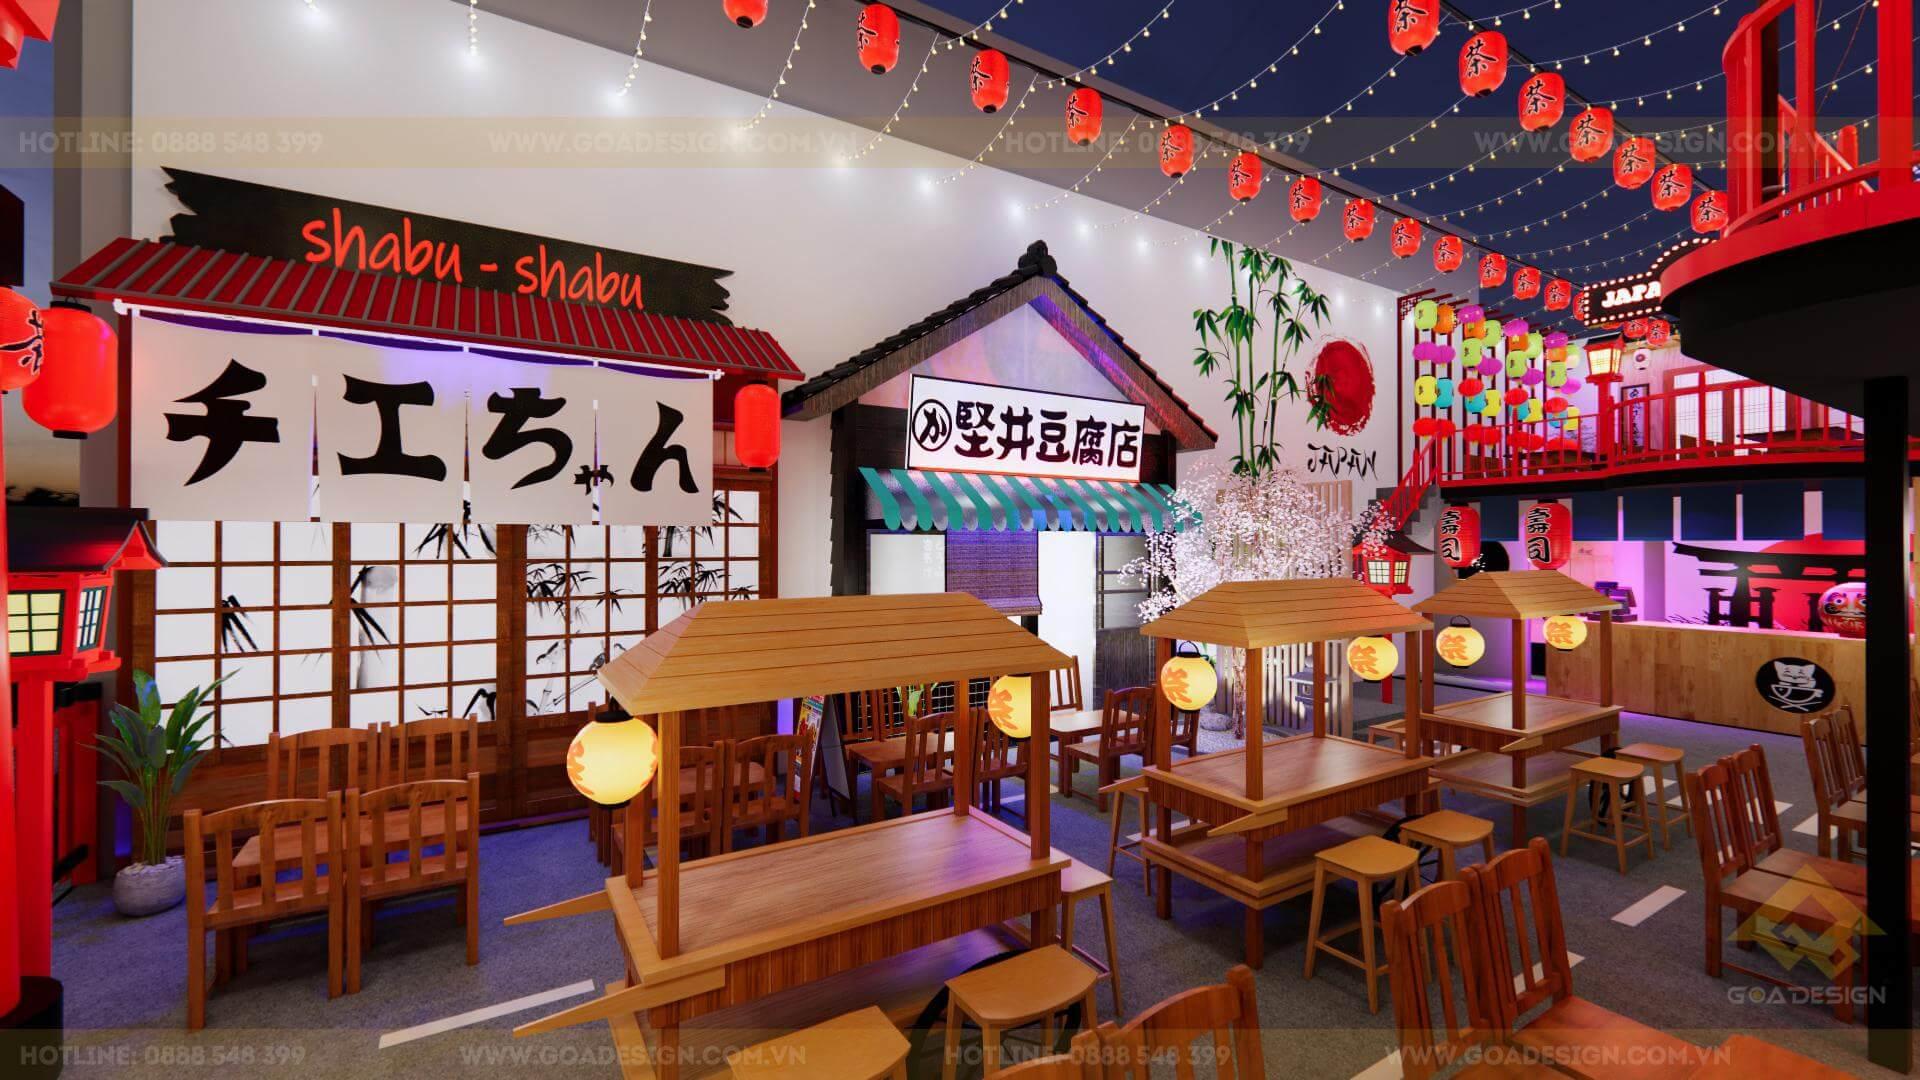 GOADESIGN Tư vấn thiết kế thi công phim trường chụp ảnh-concept Nhật Bản (5)